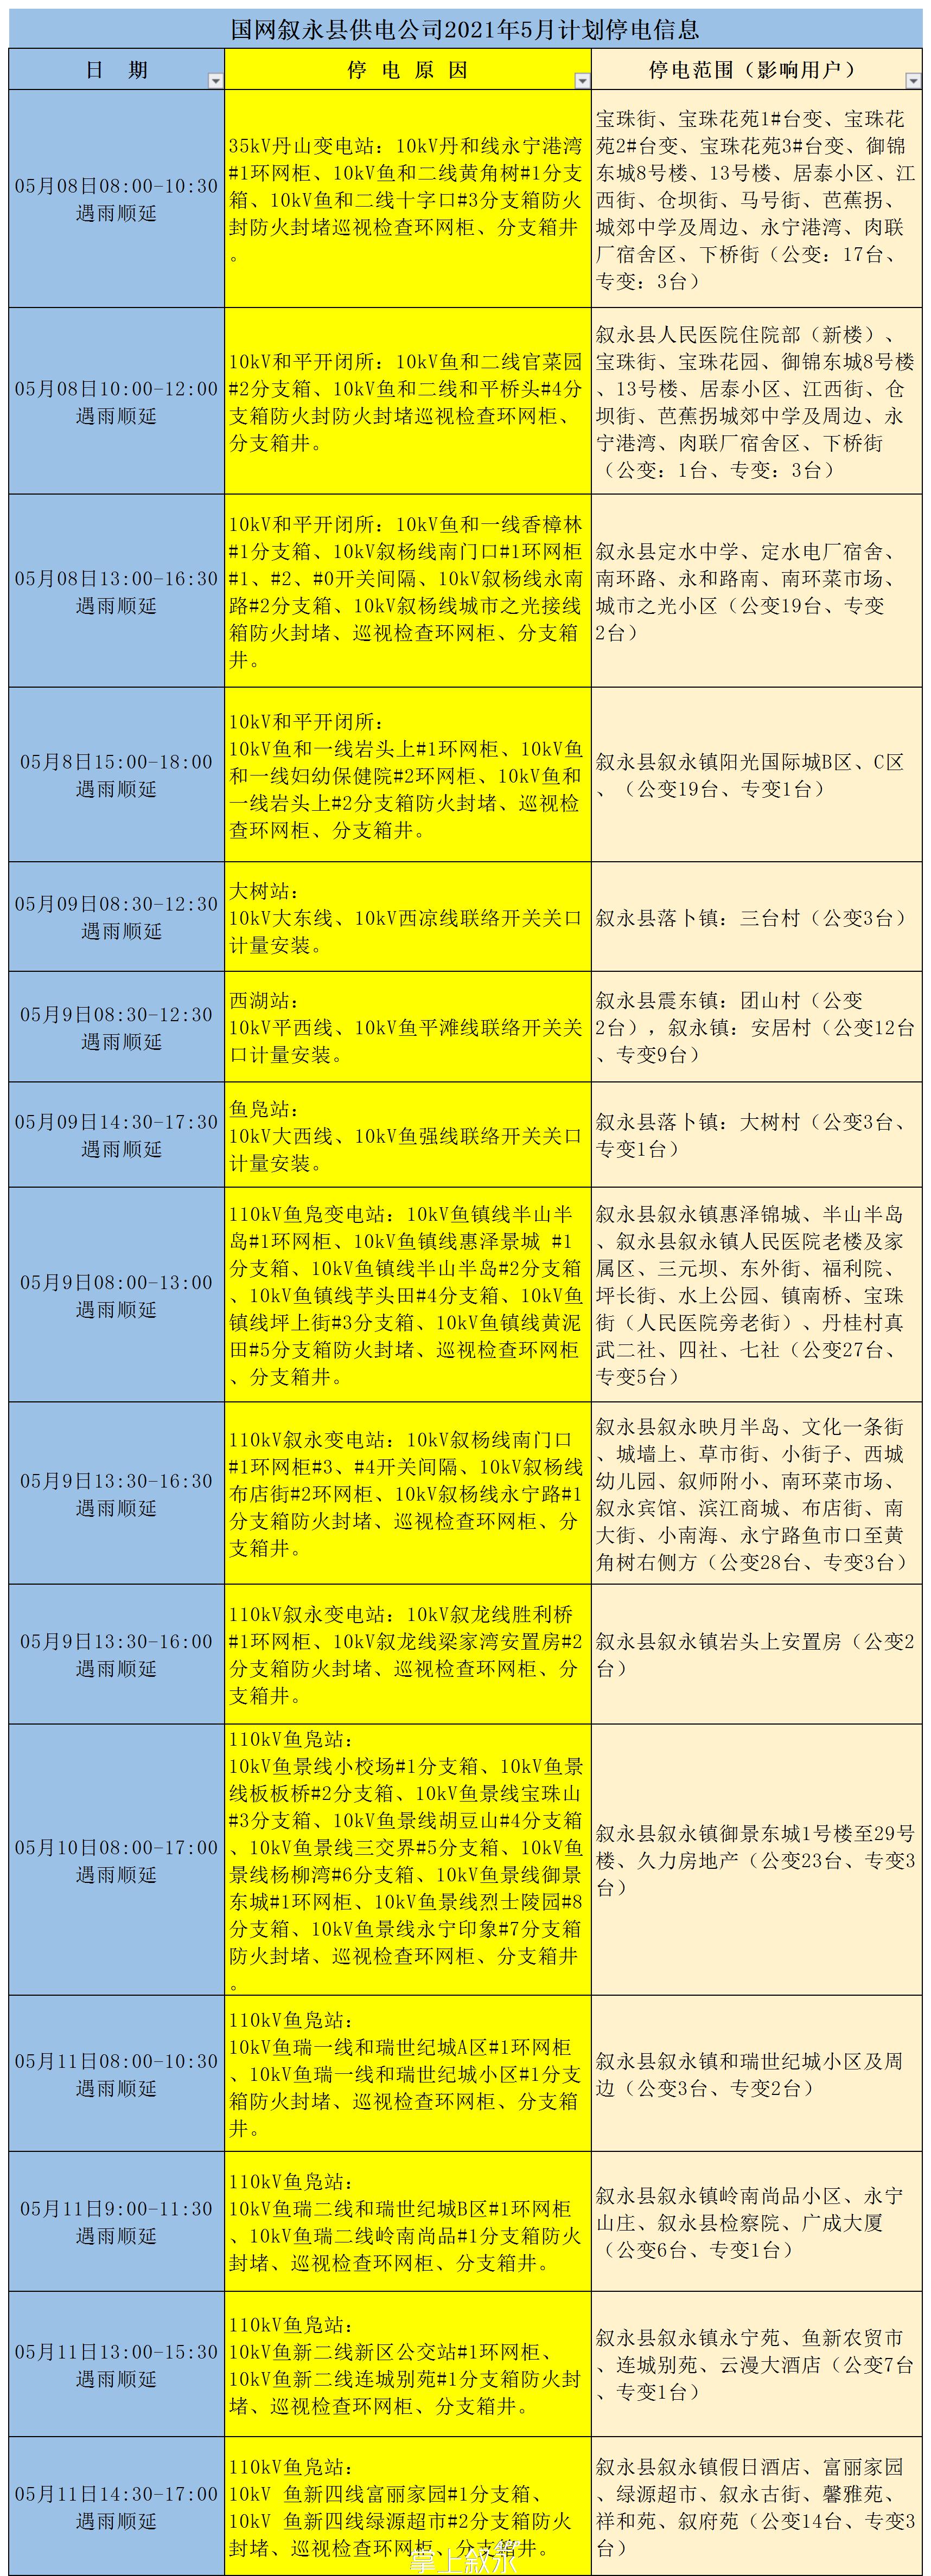 2021年5月计划停电信息1.png